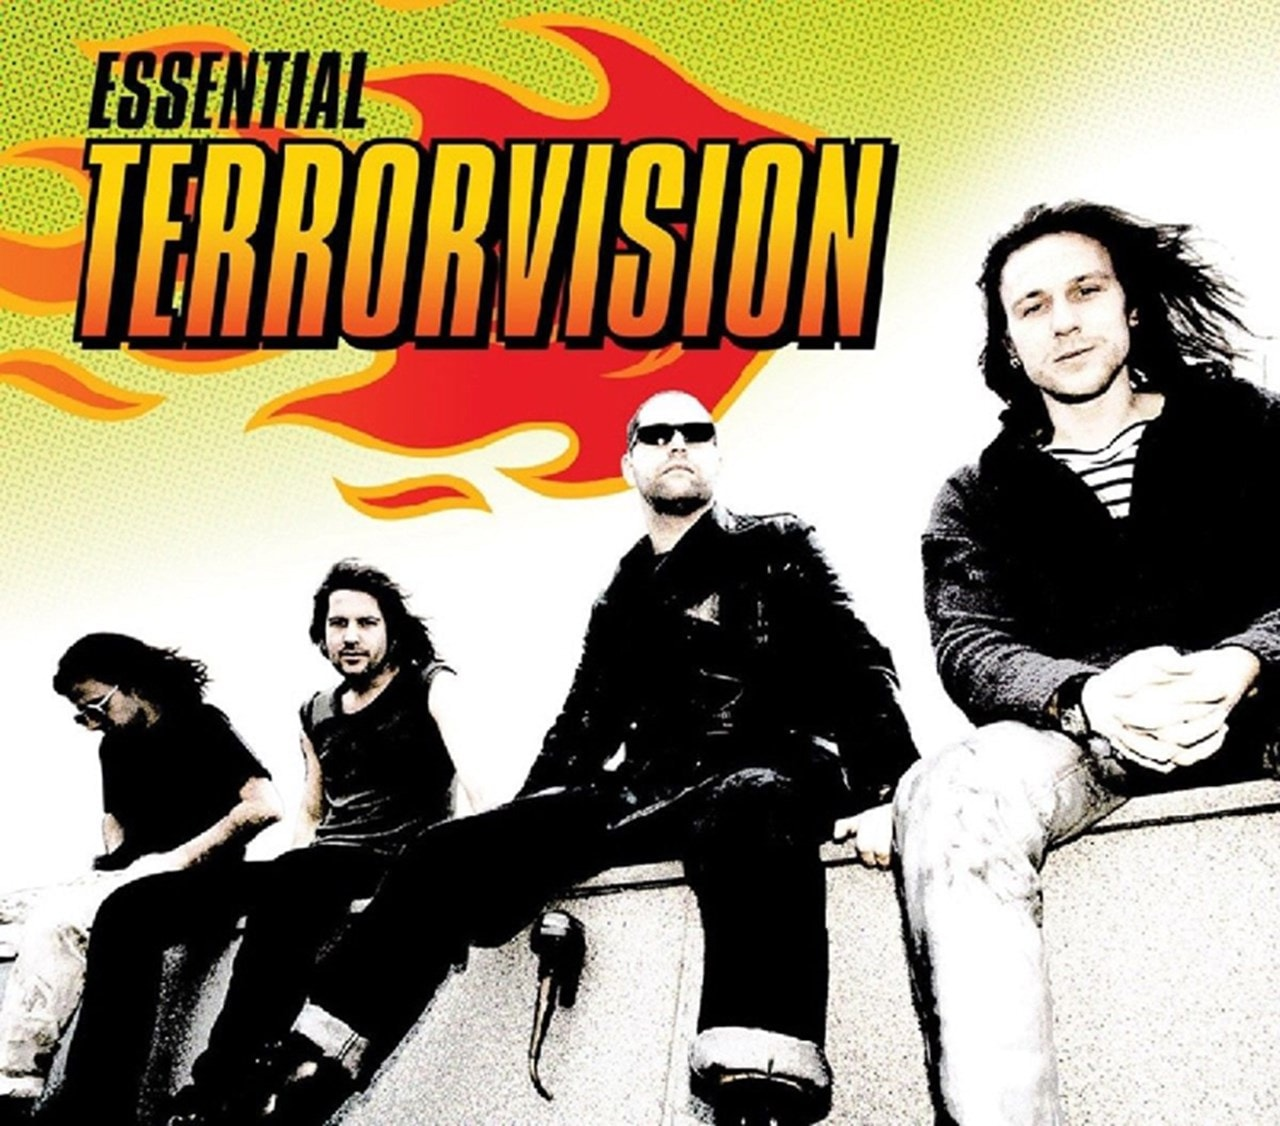 Essential Terrorvision - 1